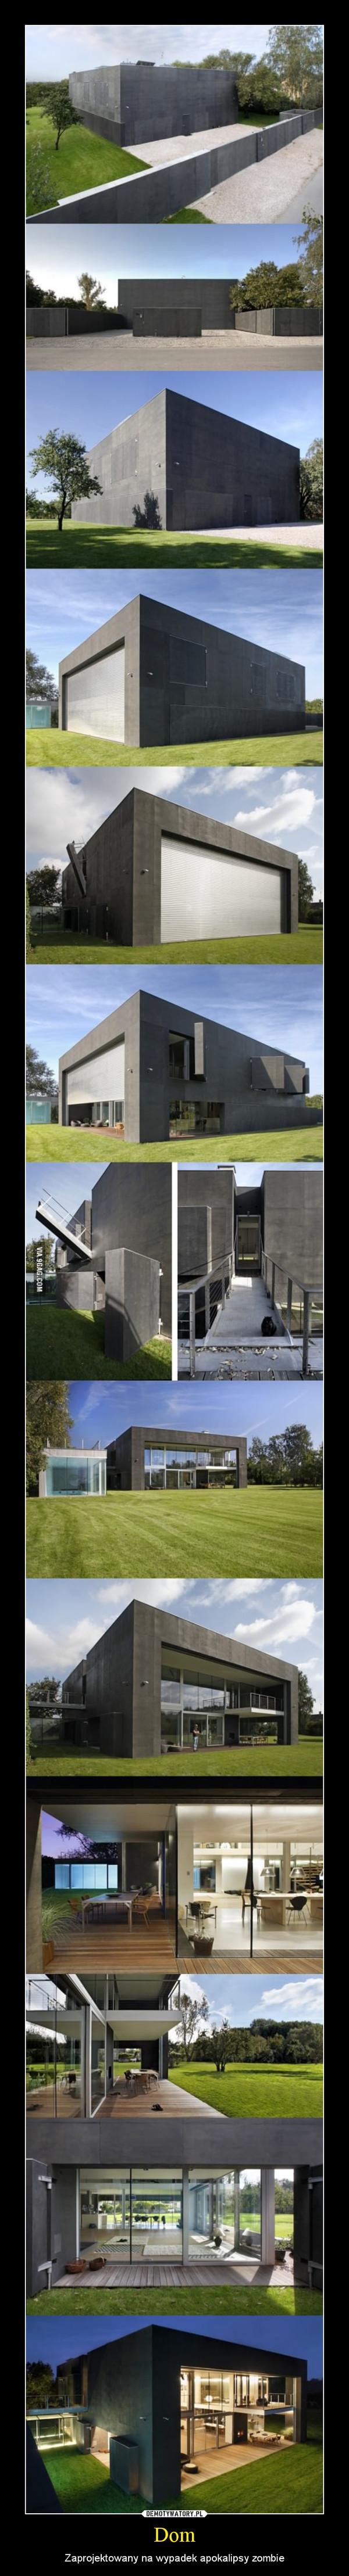 Dom – Zaprojektowany na wypadek apokalipsy zombie